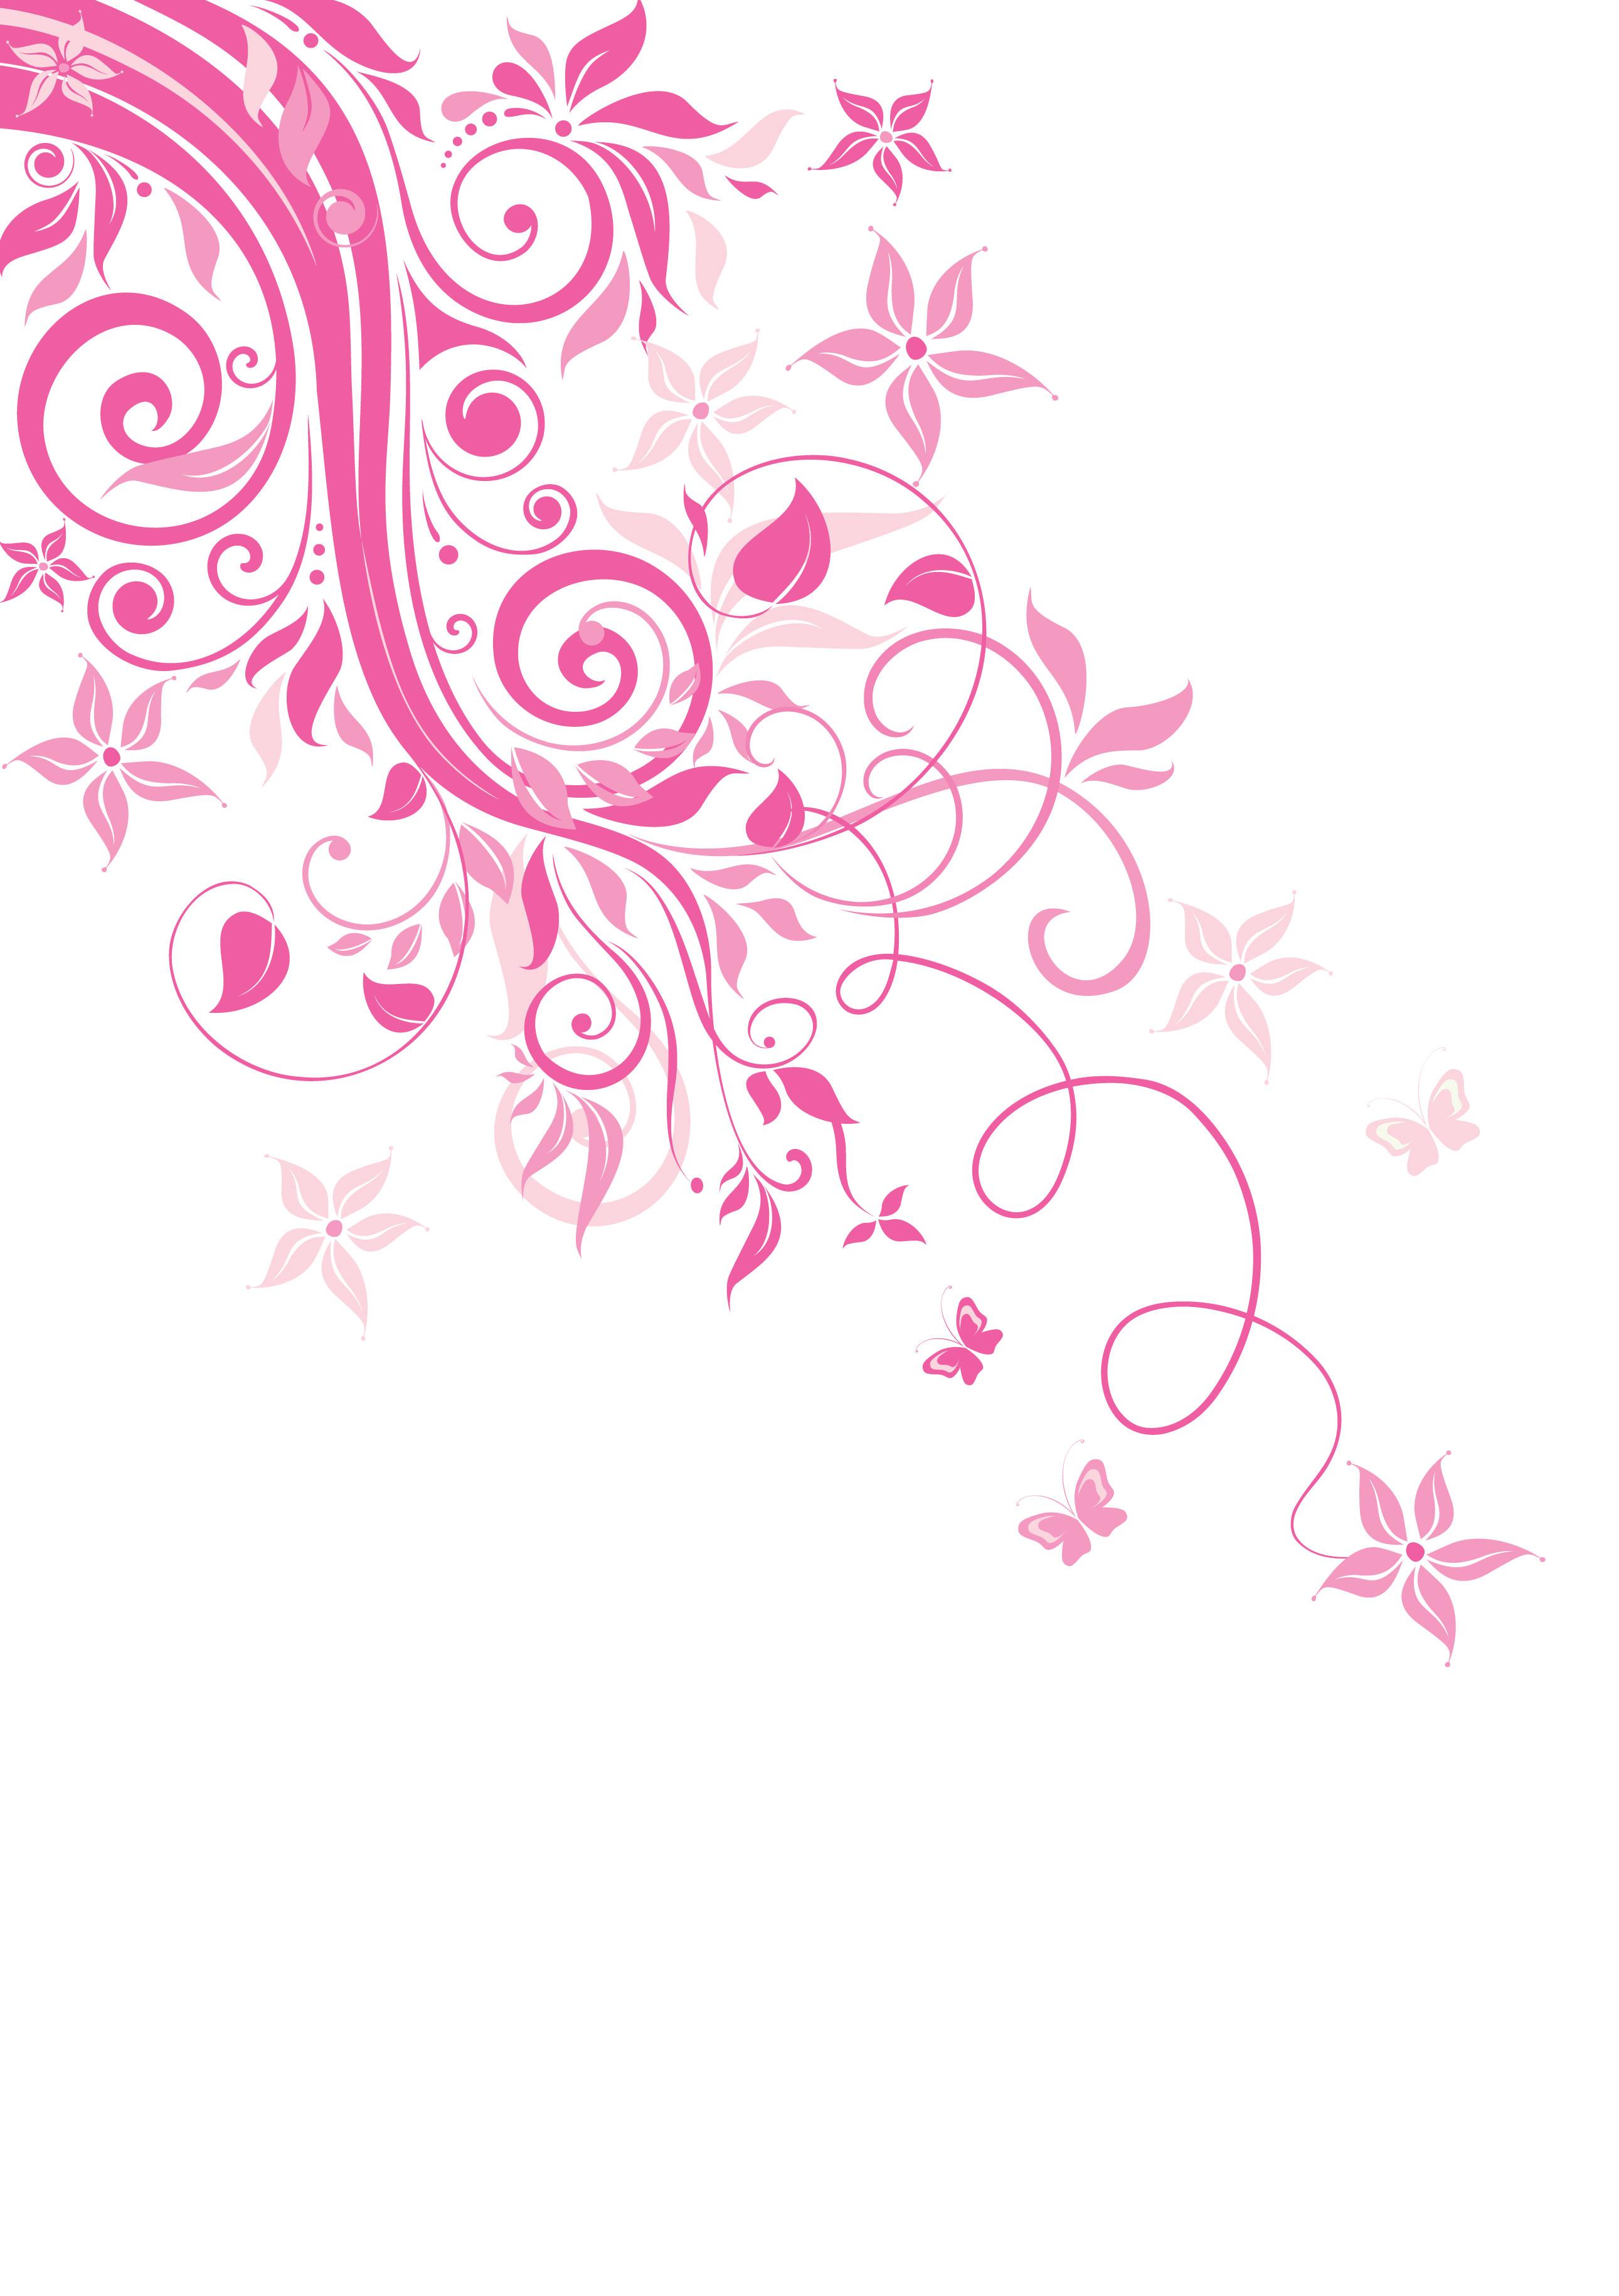 ピンクの花のイラストフリー素材壁紙背景no711赤紫茎葉つる